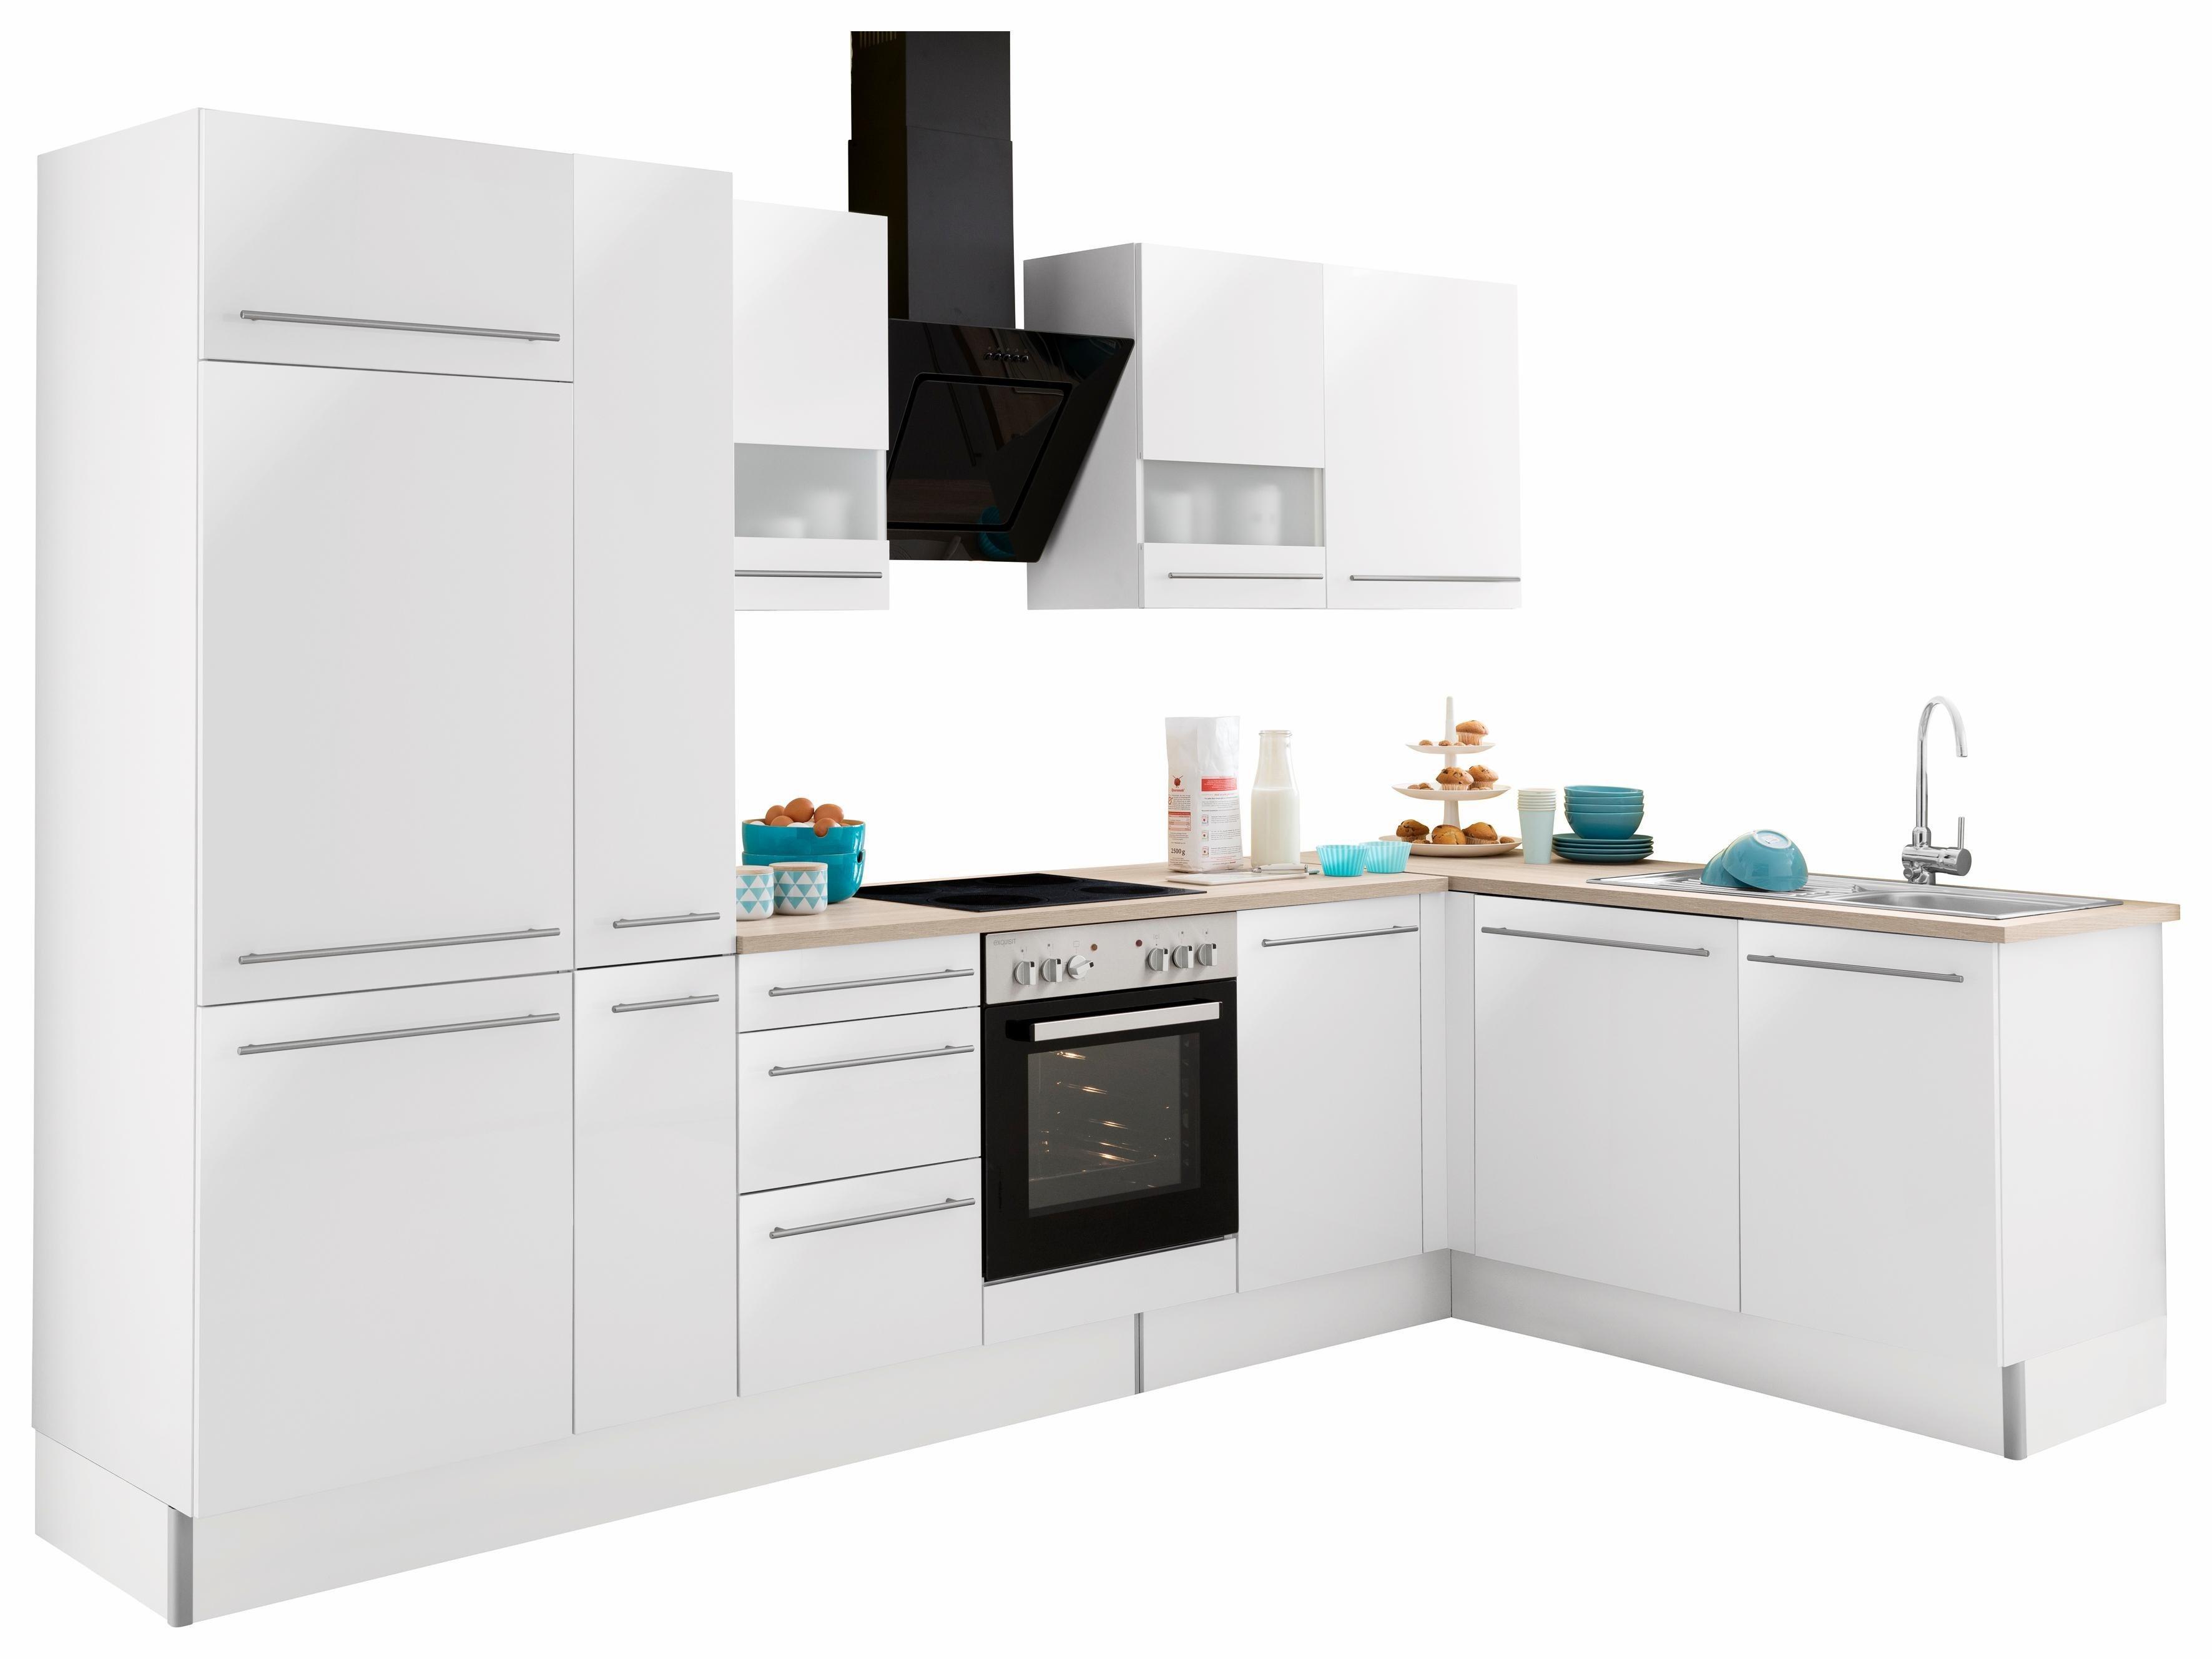 OPTIFIT Winkelküche mit E-Geräten »Bern«, Stellbreite 315 x 175 cm | Küche und Esszimmer > Küchen > Winkelküchen | Lava - Weiß - Hochglanz | Lack - Hochglanz - Edelstahl | OPTIFIT